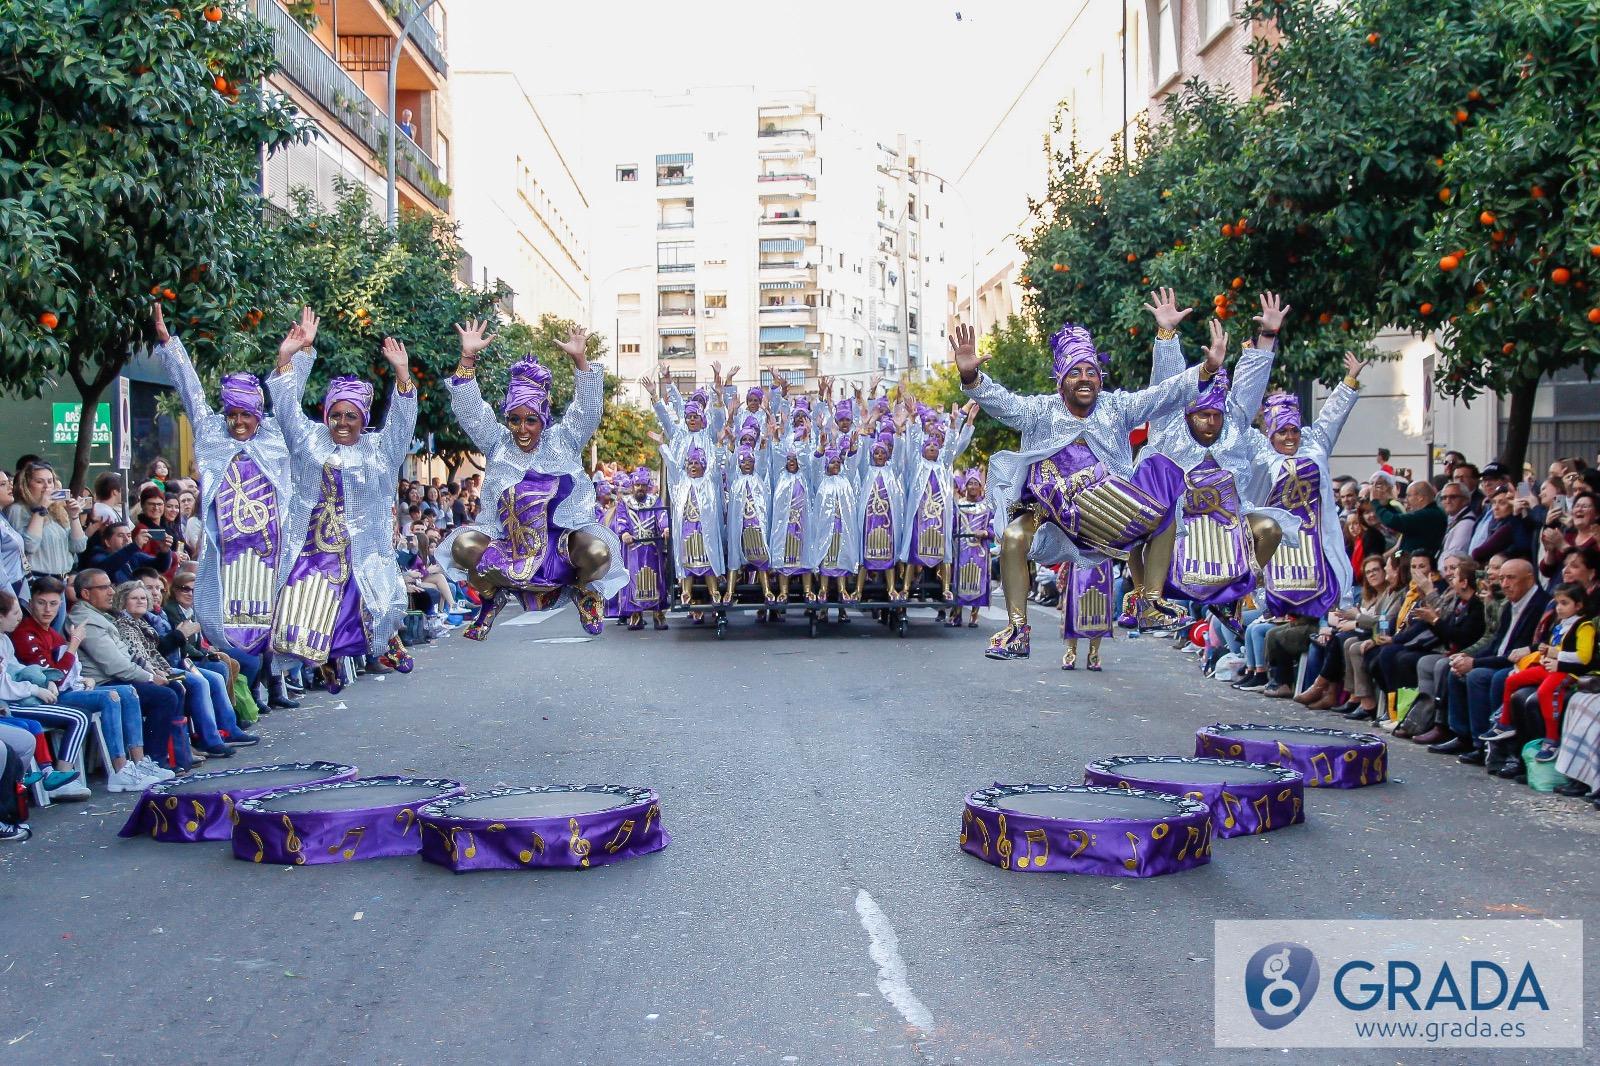 La Kochera gana el desfile de comparsas del carnaval de Badajoz 2020